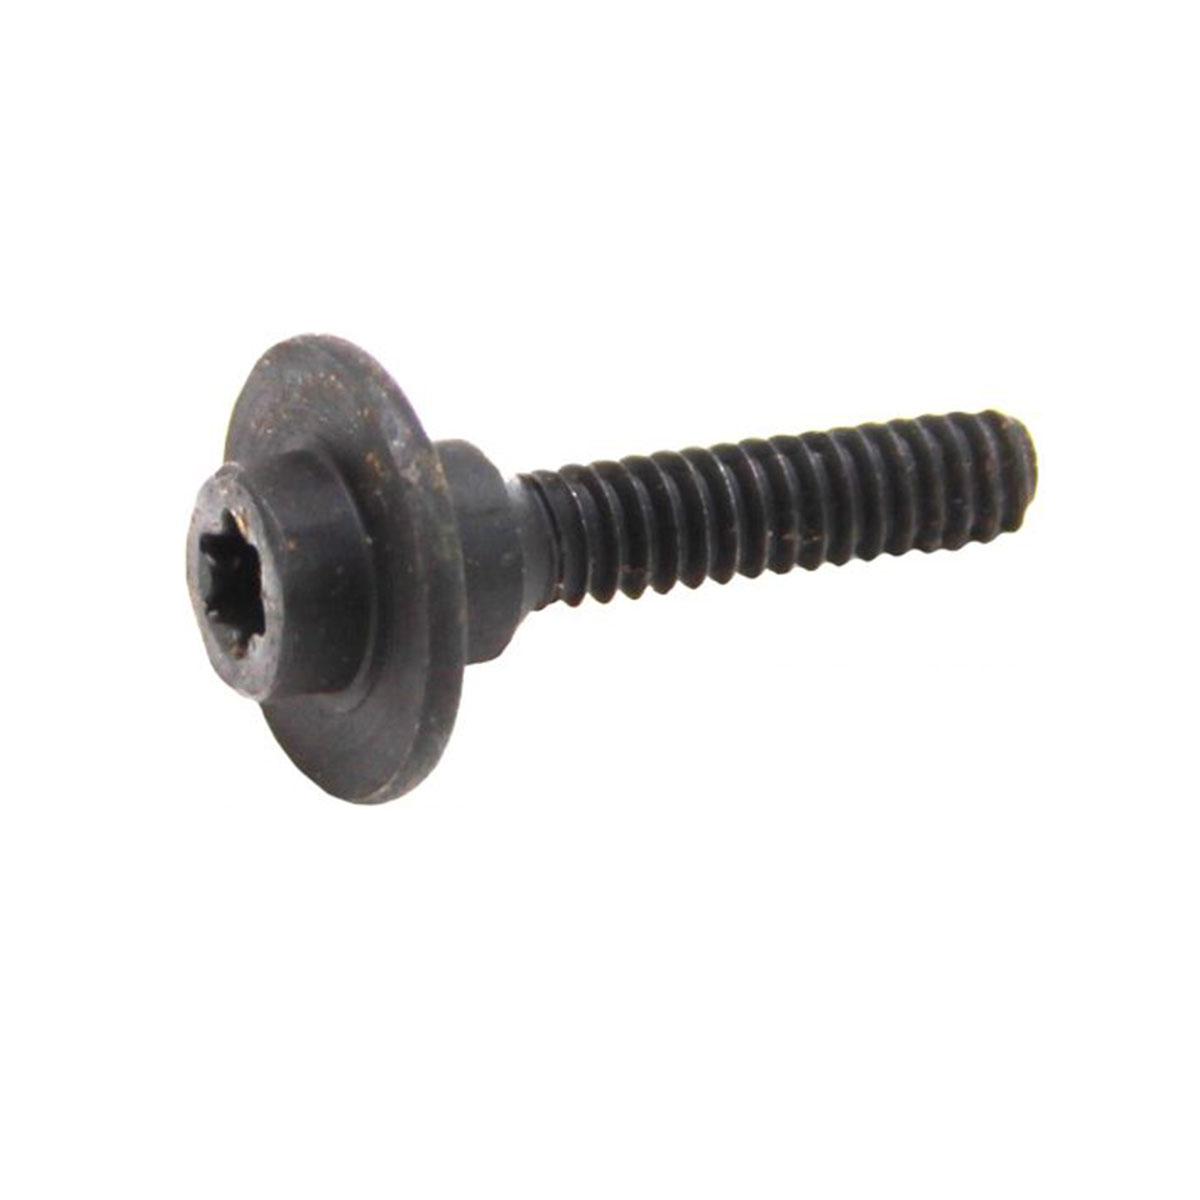 Husqvarna Screw Fuel Tank Retainer Original Part 530016445